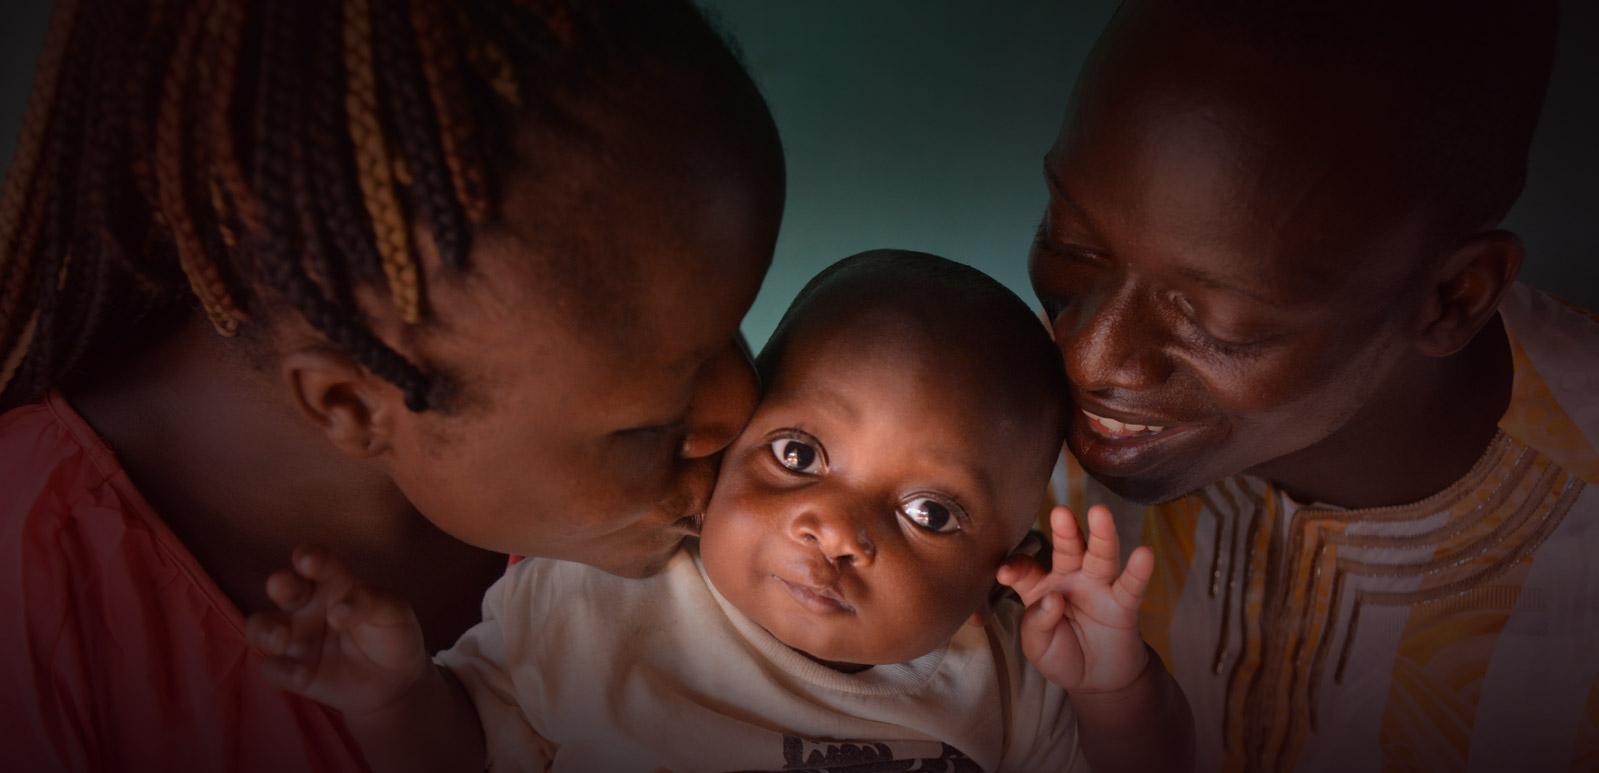 Patient-prunel-mercyships-verhalen-ziekenhuisschip-open-lip-operatie-benin-afrika